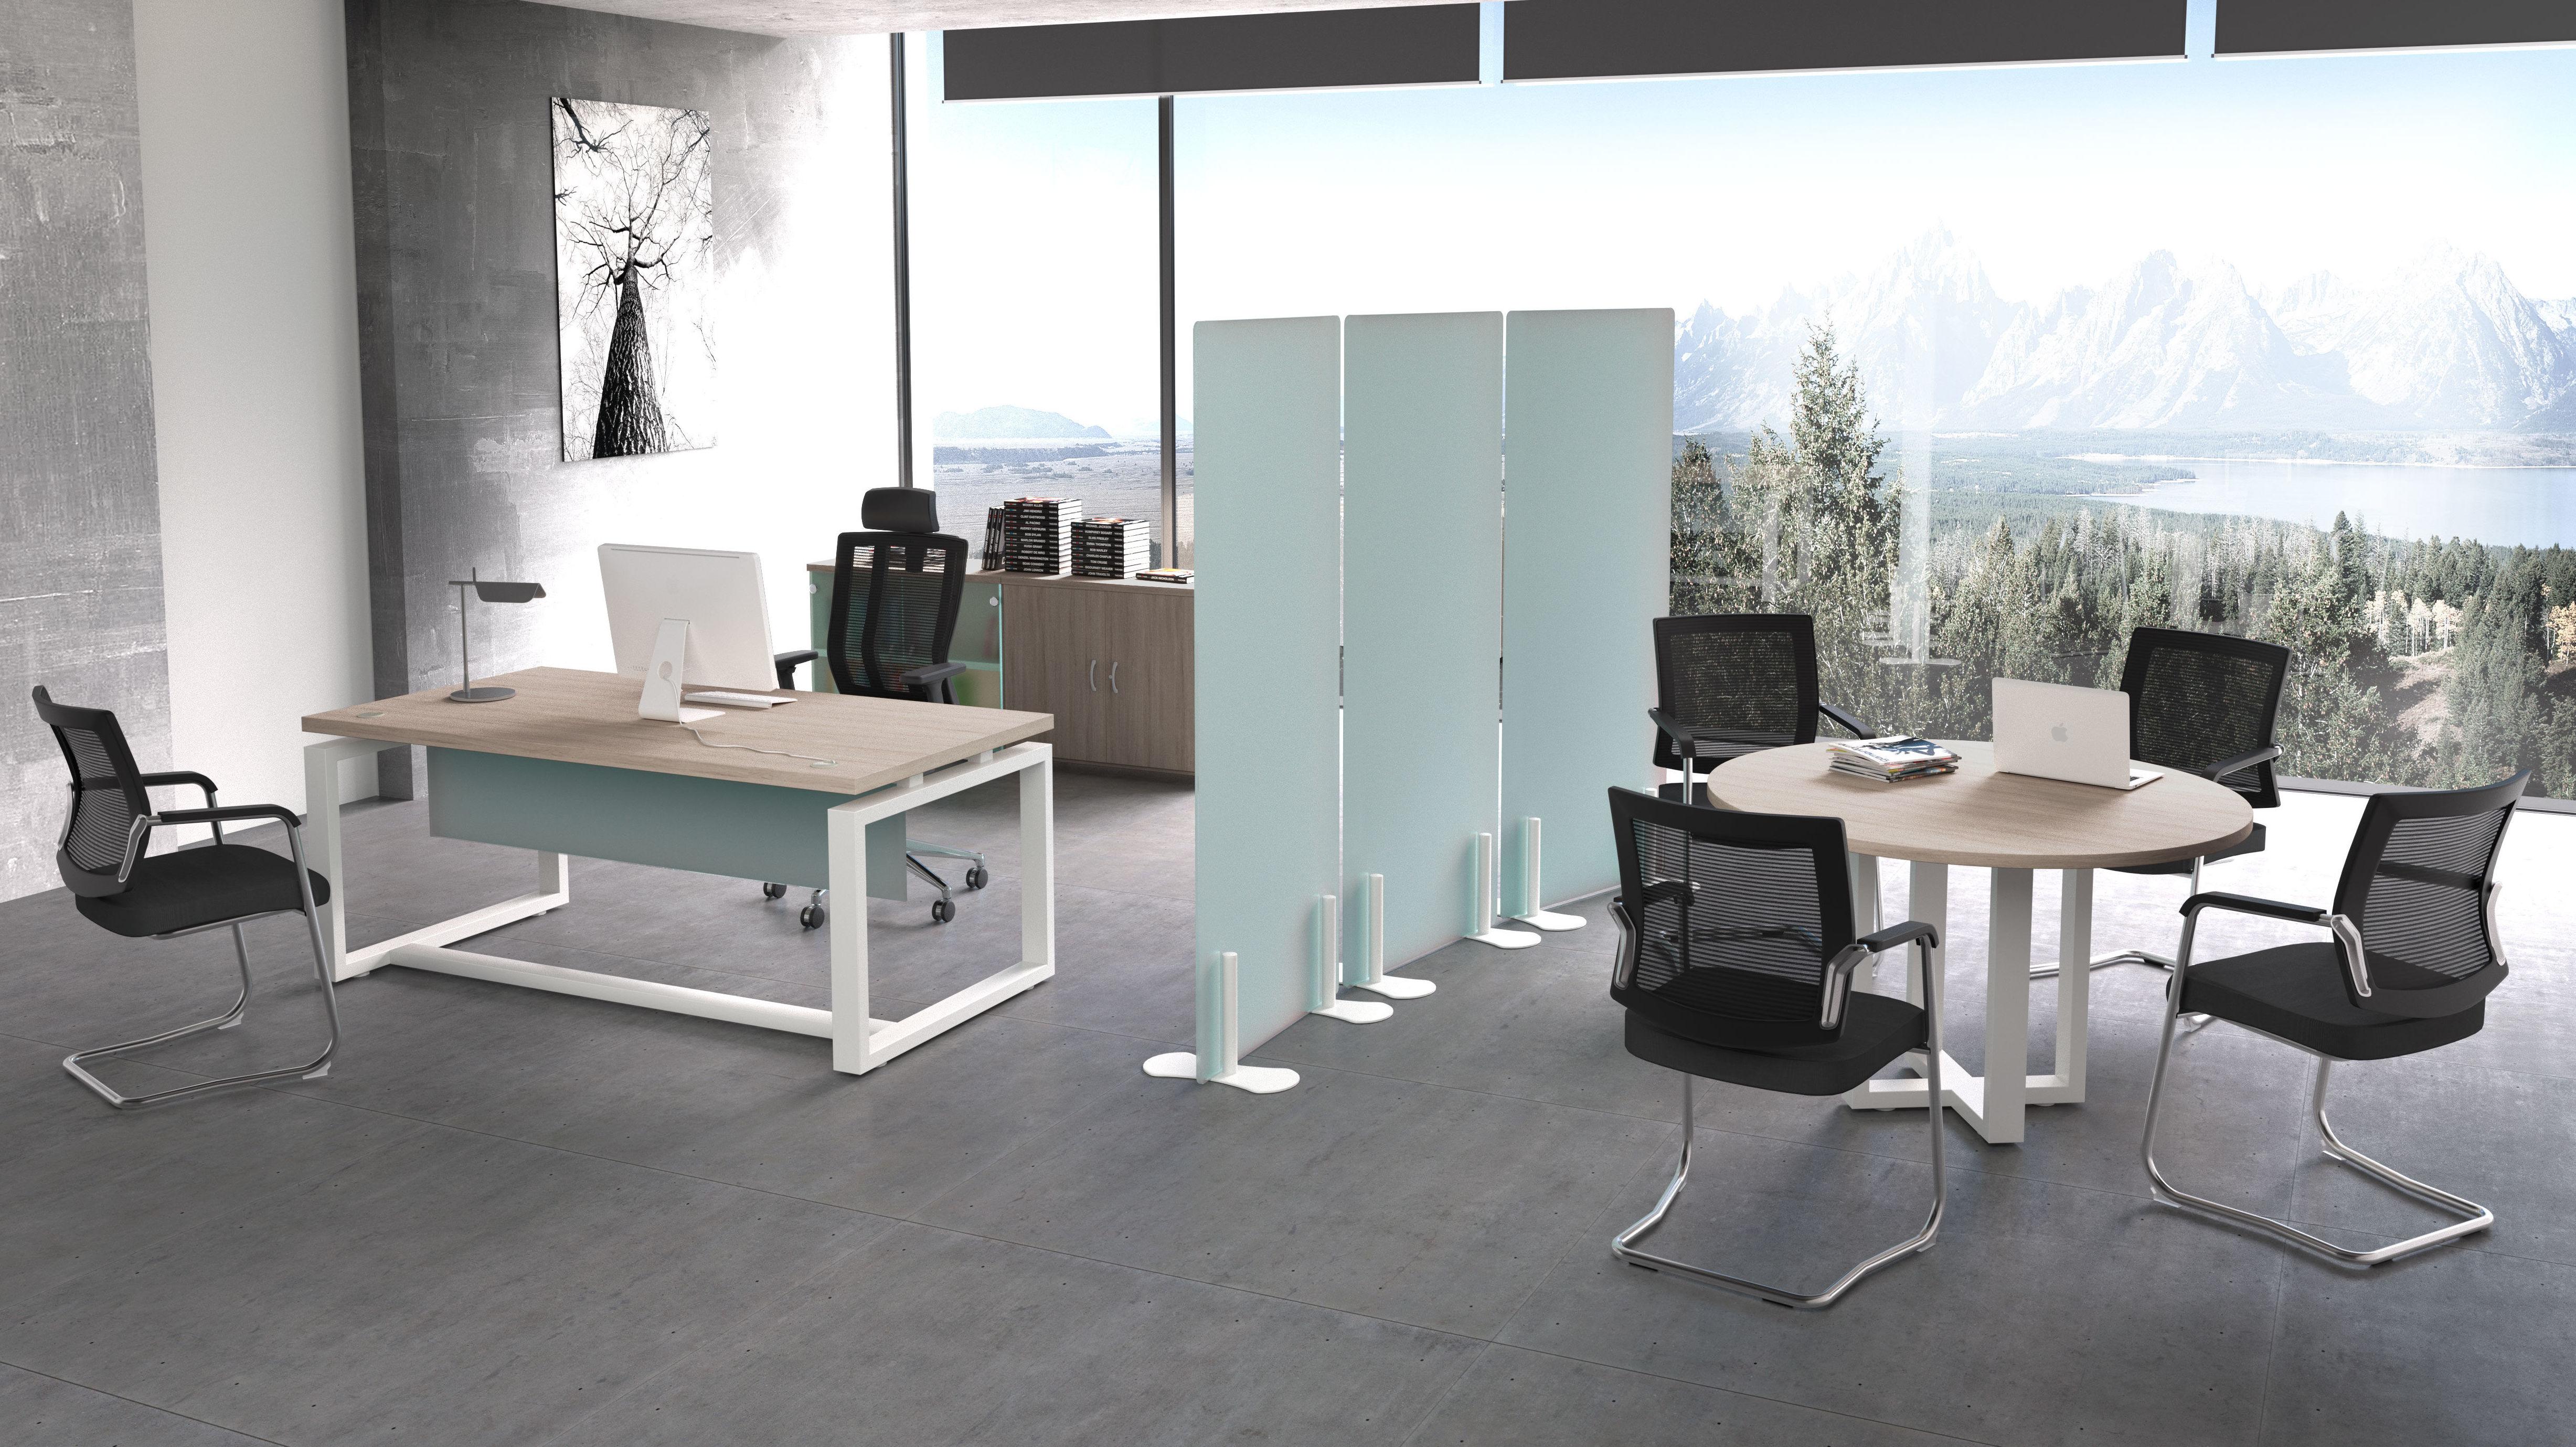 Foto 2 de Mobiliario de oficina en Madrid | Officedeco